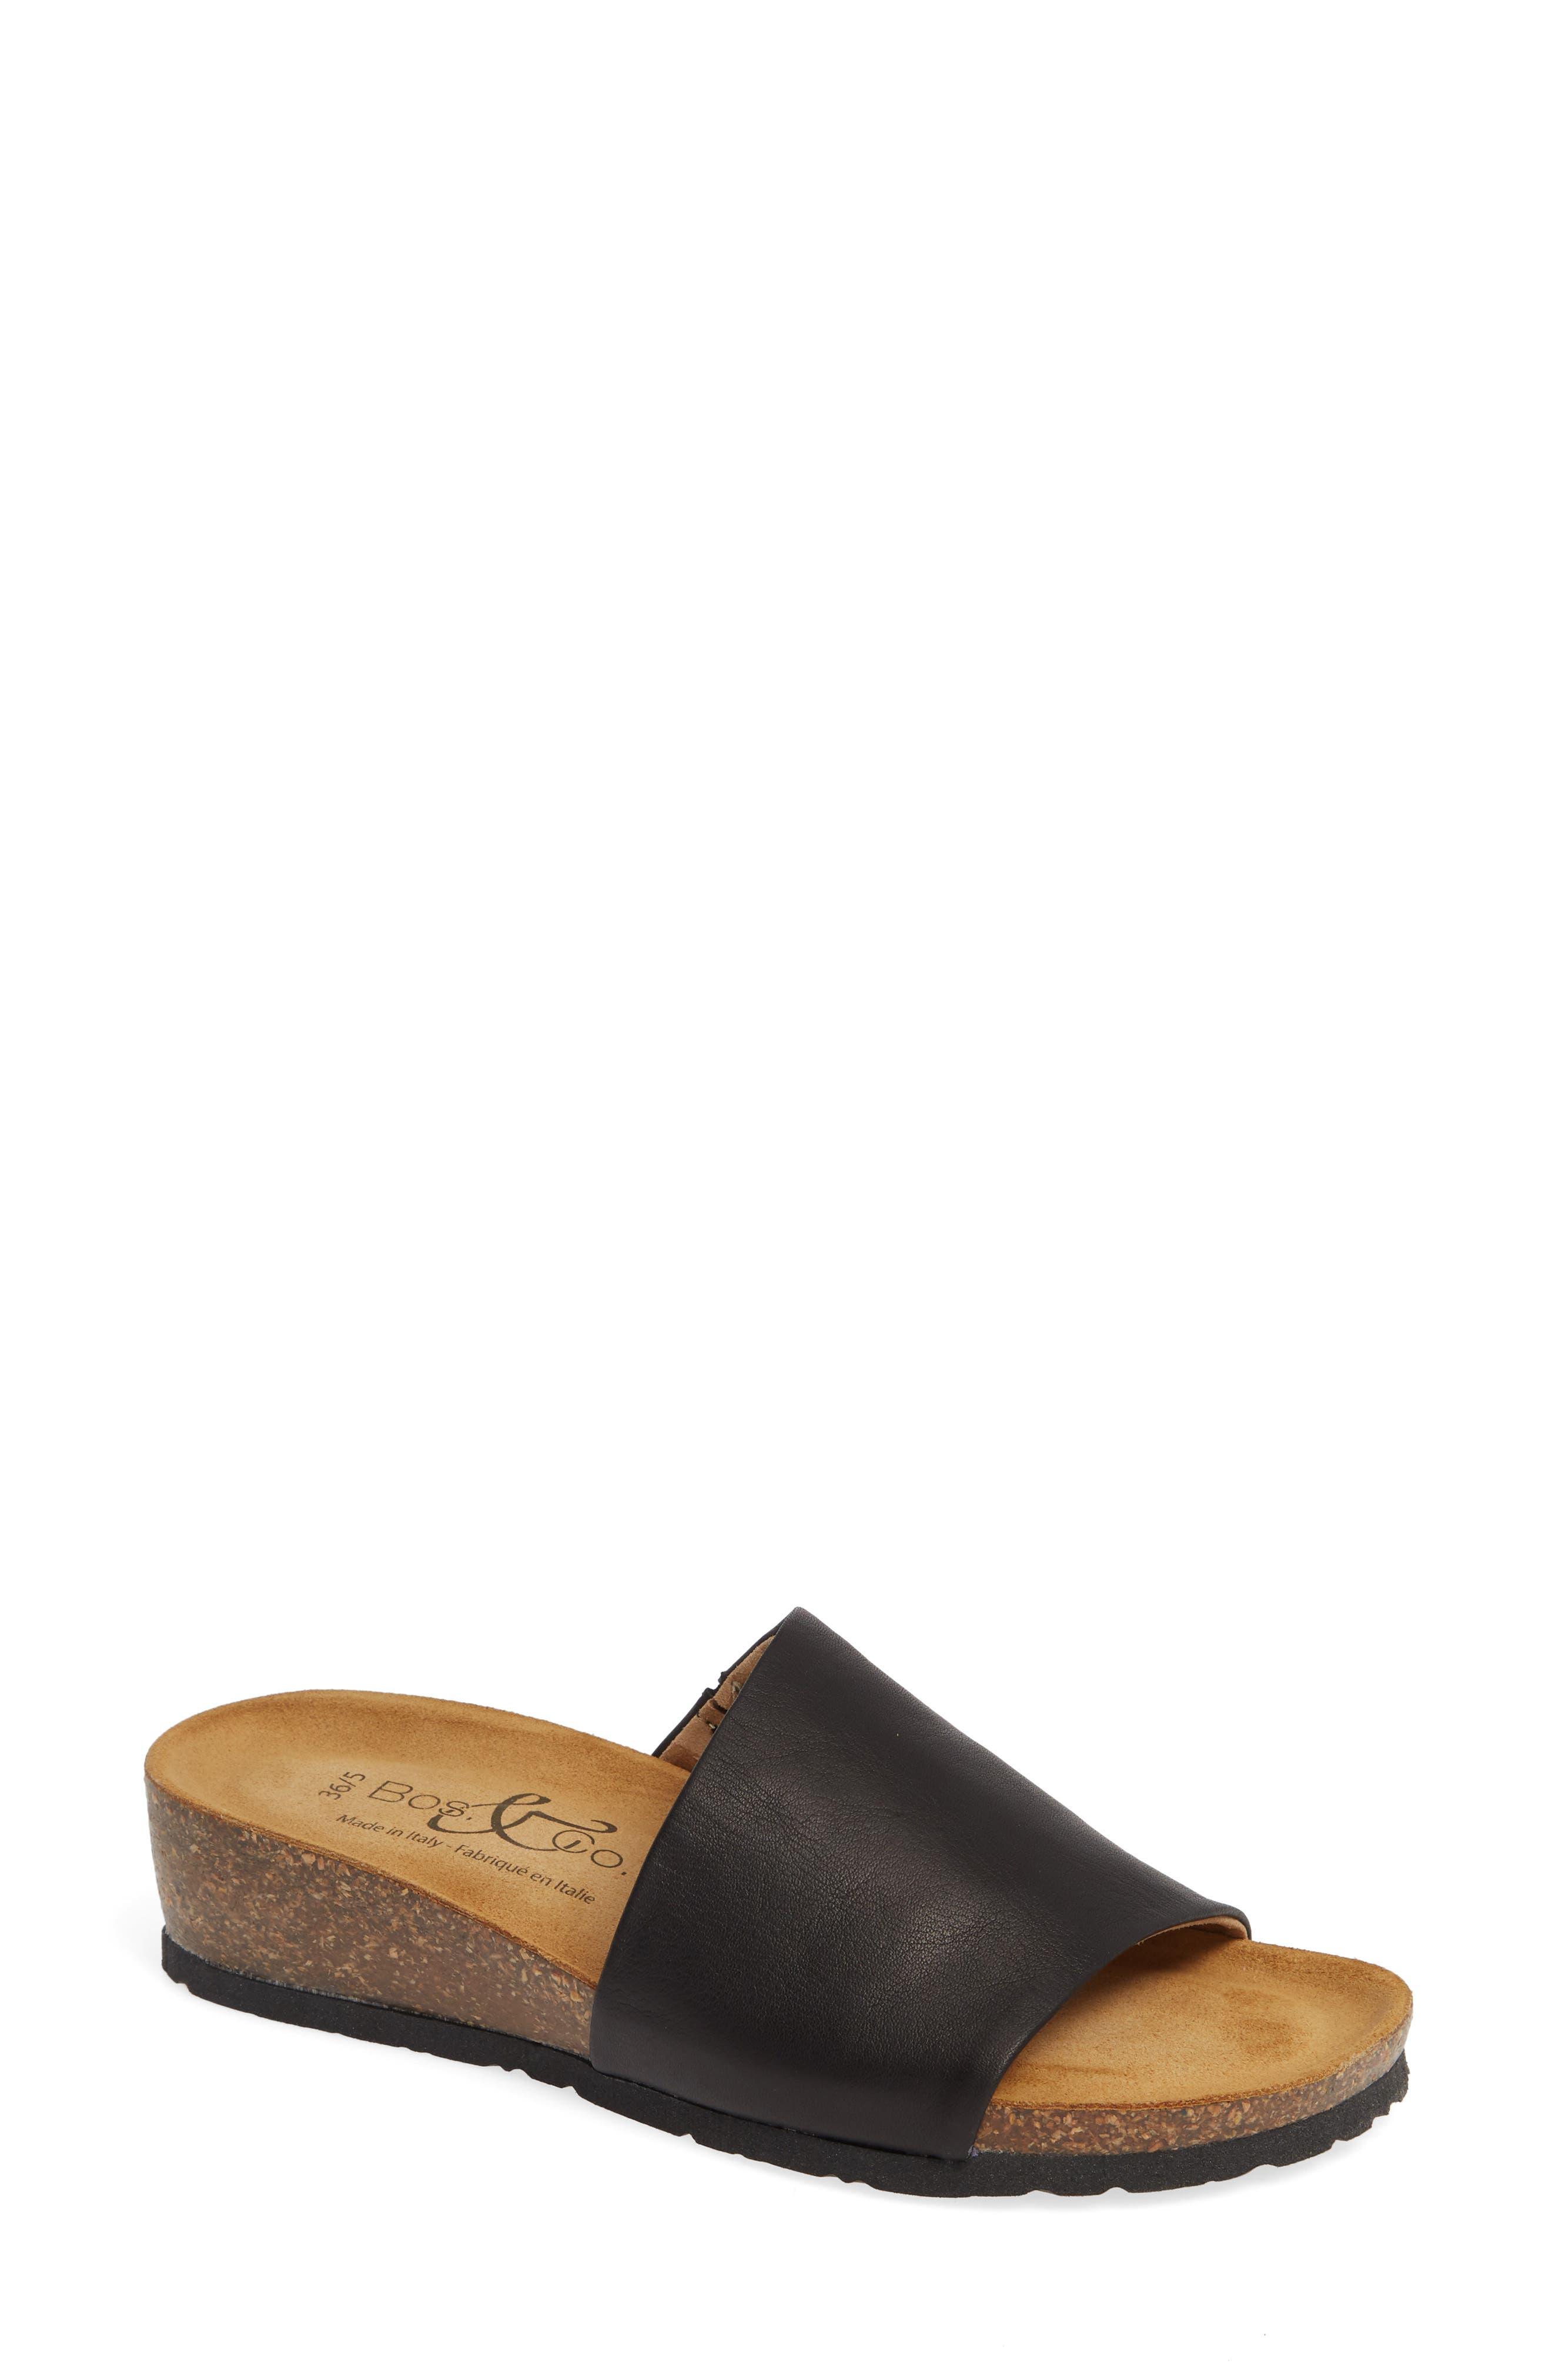 Lux Slide Sandal